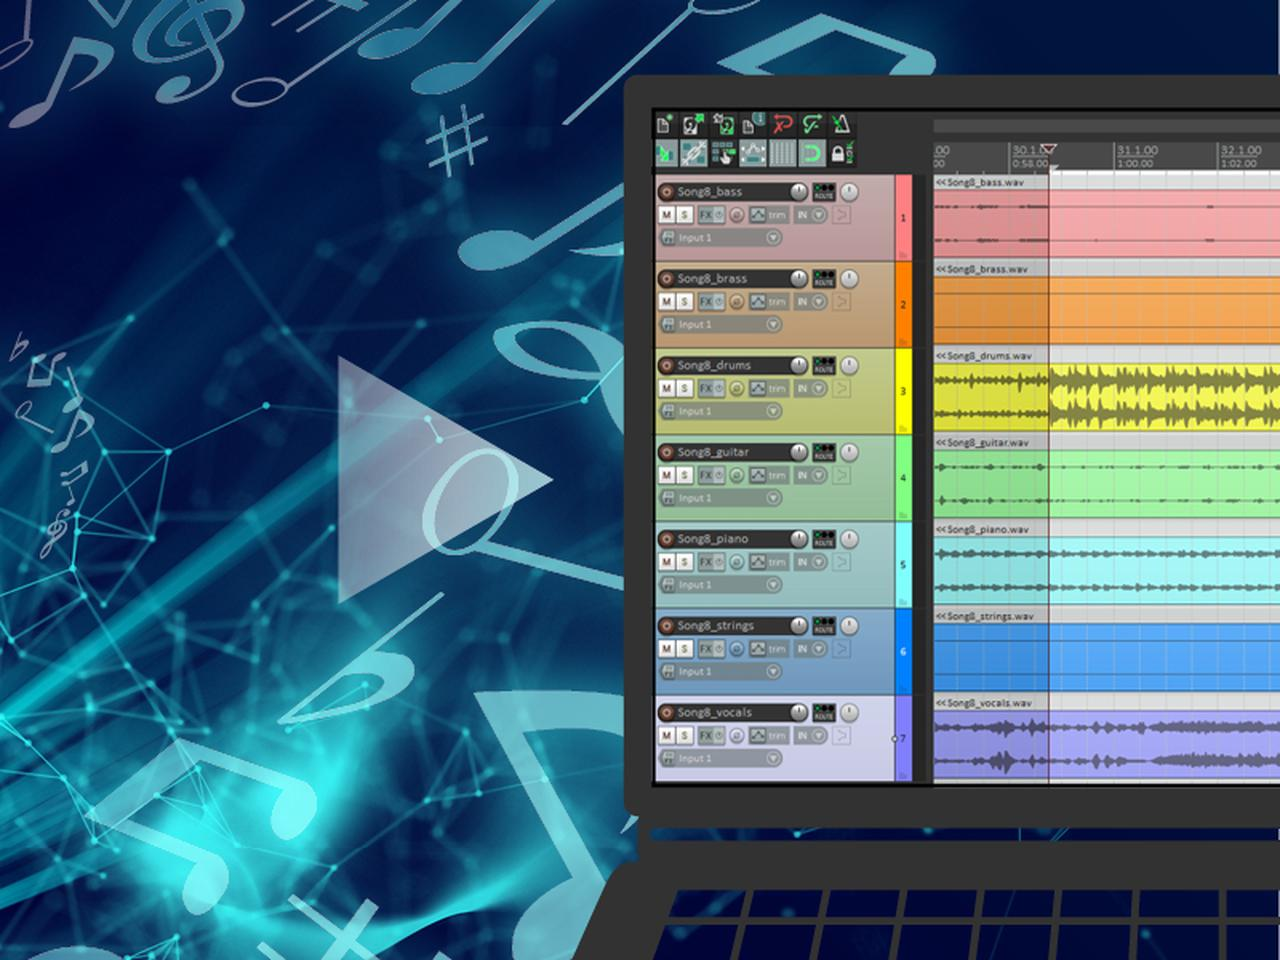 画像: 『LINE MUSIC』でカラオケを実現させた「音源分離技術」は過去と現在の音をつなぐ夢の技術だった【前編】   Cocotame(ココタメ) – ソニーミュージックグループ